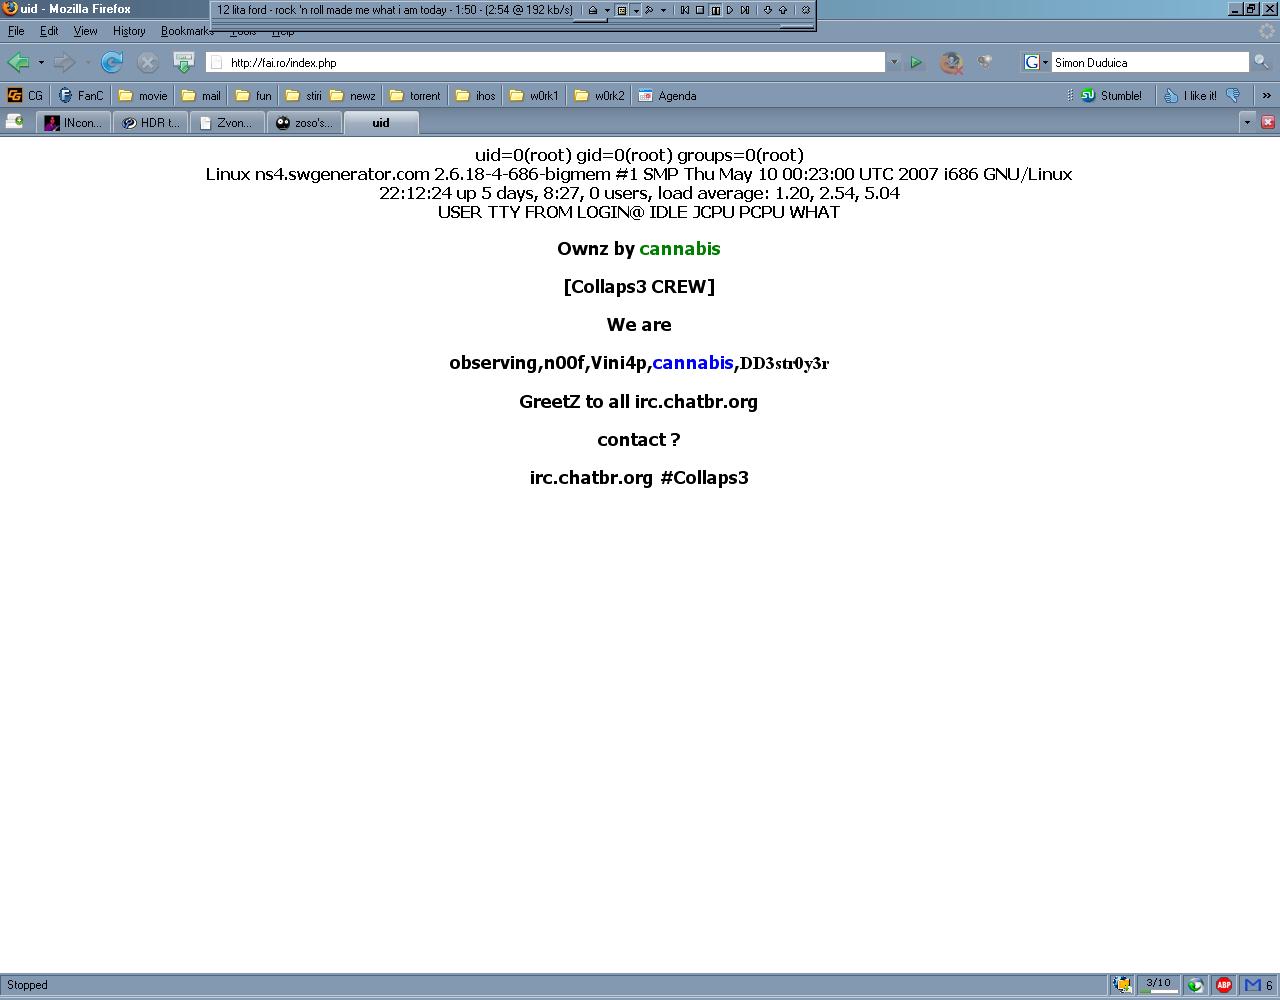 fai.ro hacked